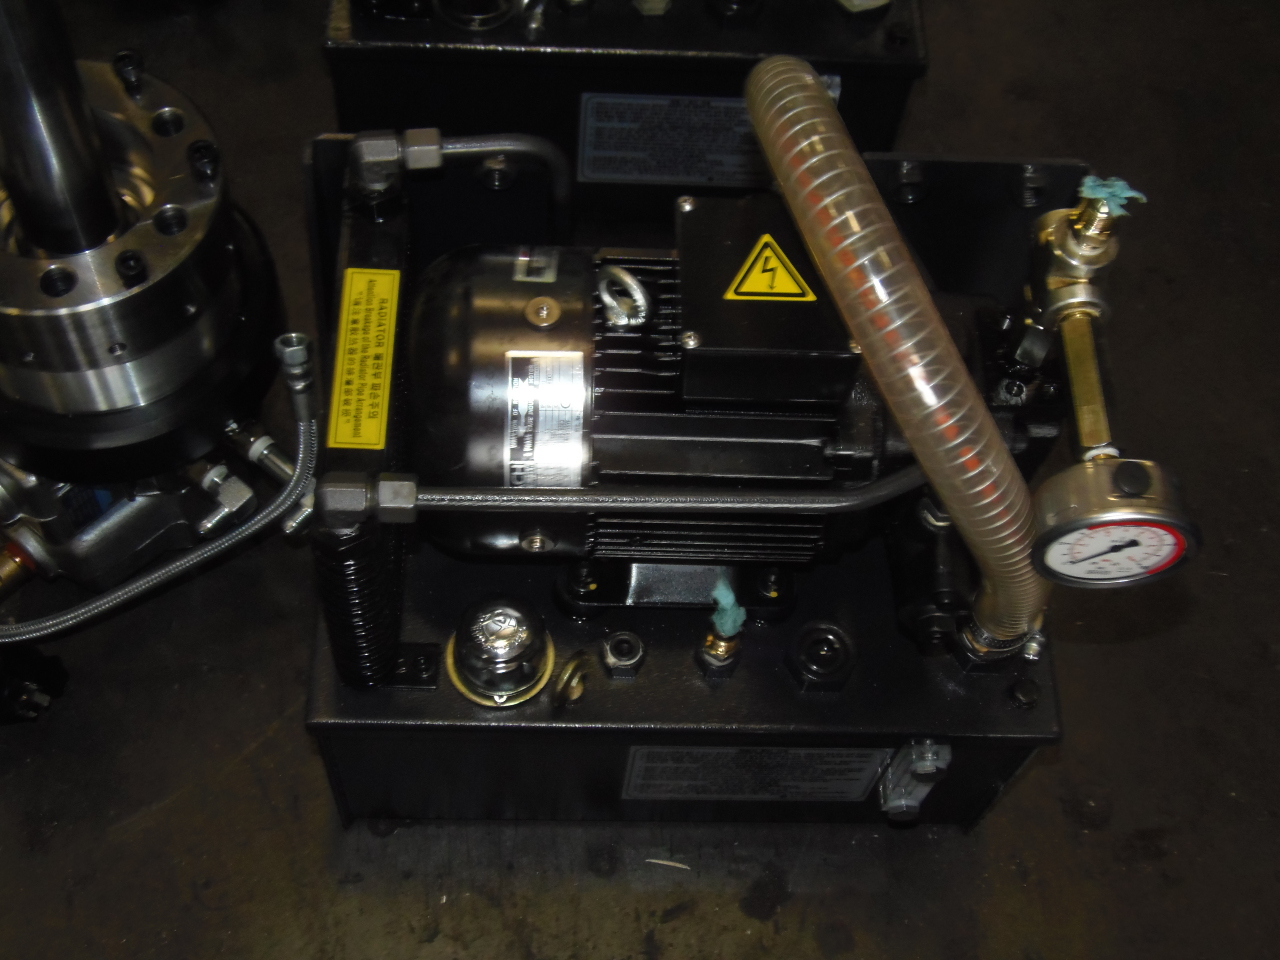 6.5 INCH UNUSED SAMCHULLY HS-06V1 3-JAW HYDRAULIC POWER CHUCK WITH SYH 1246CC-K HYDRAULIC CYLINDER